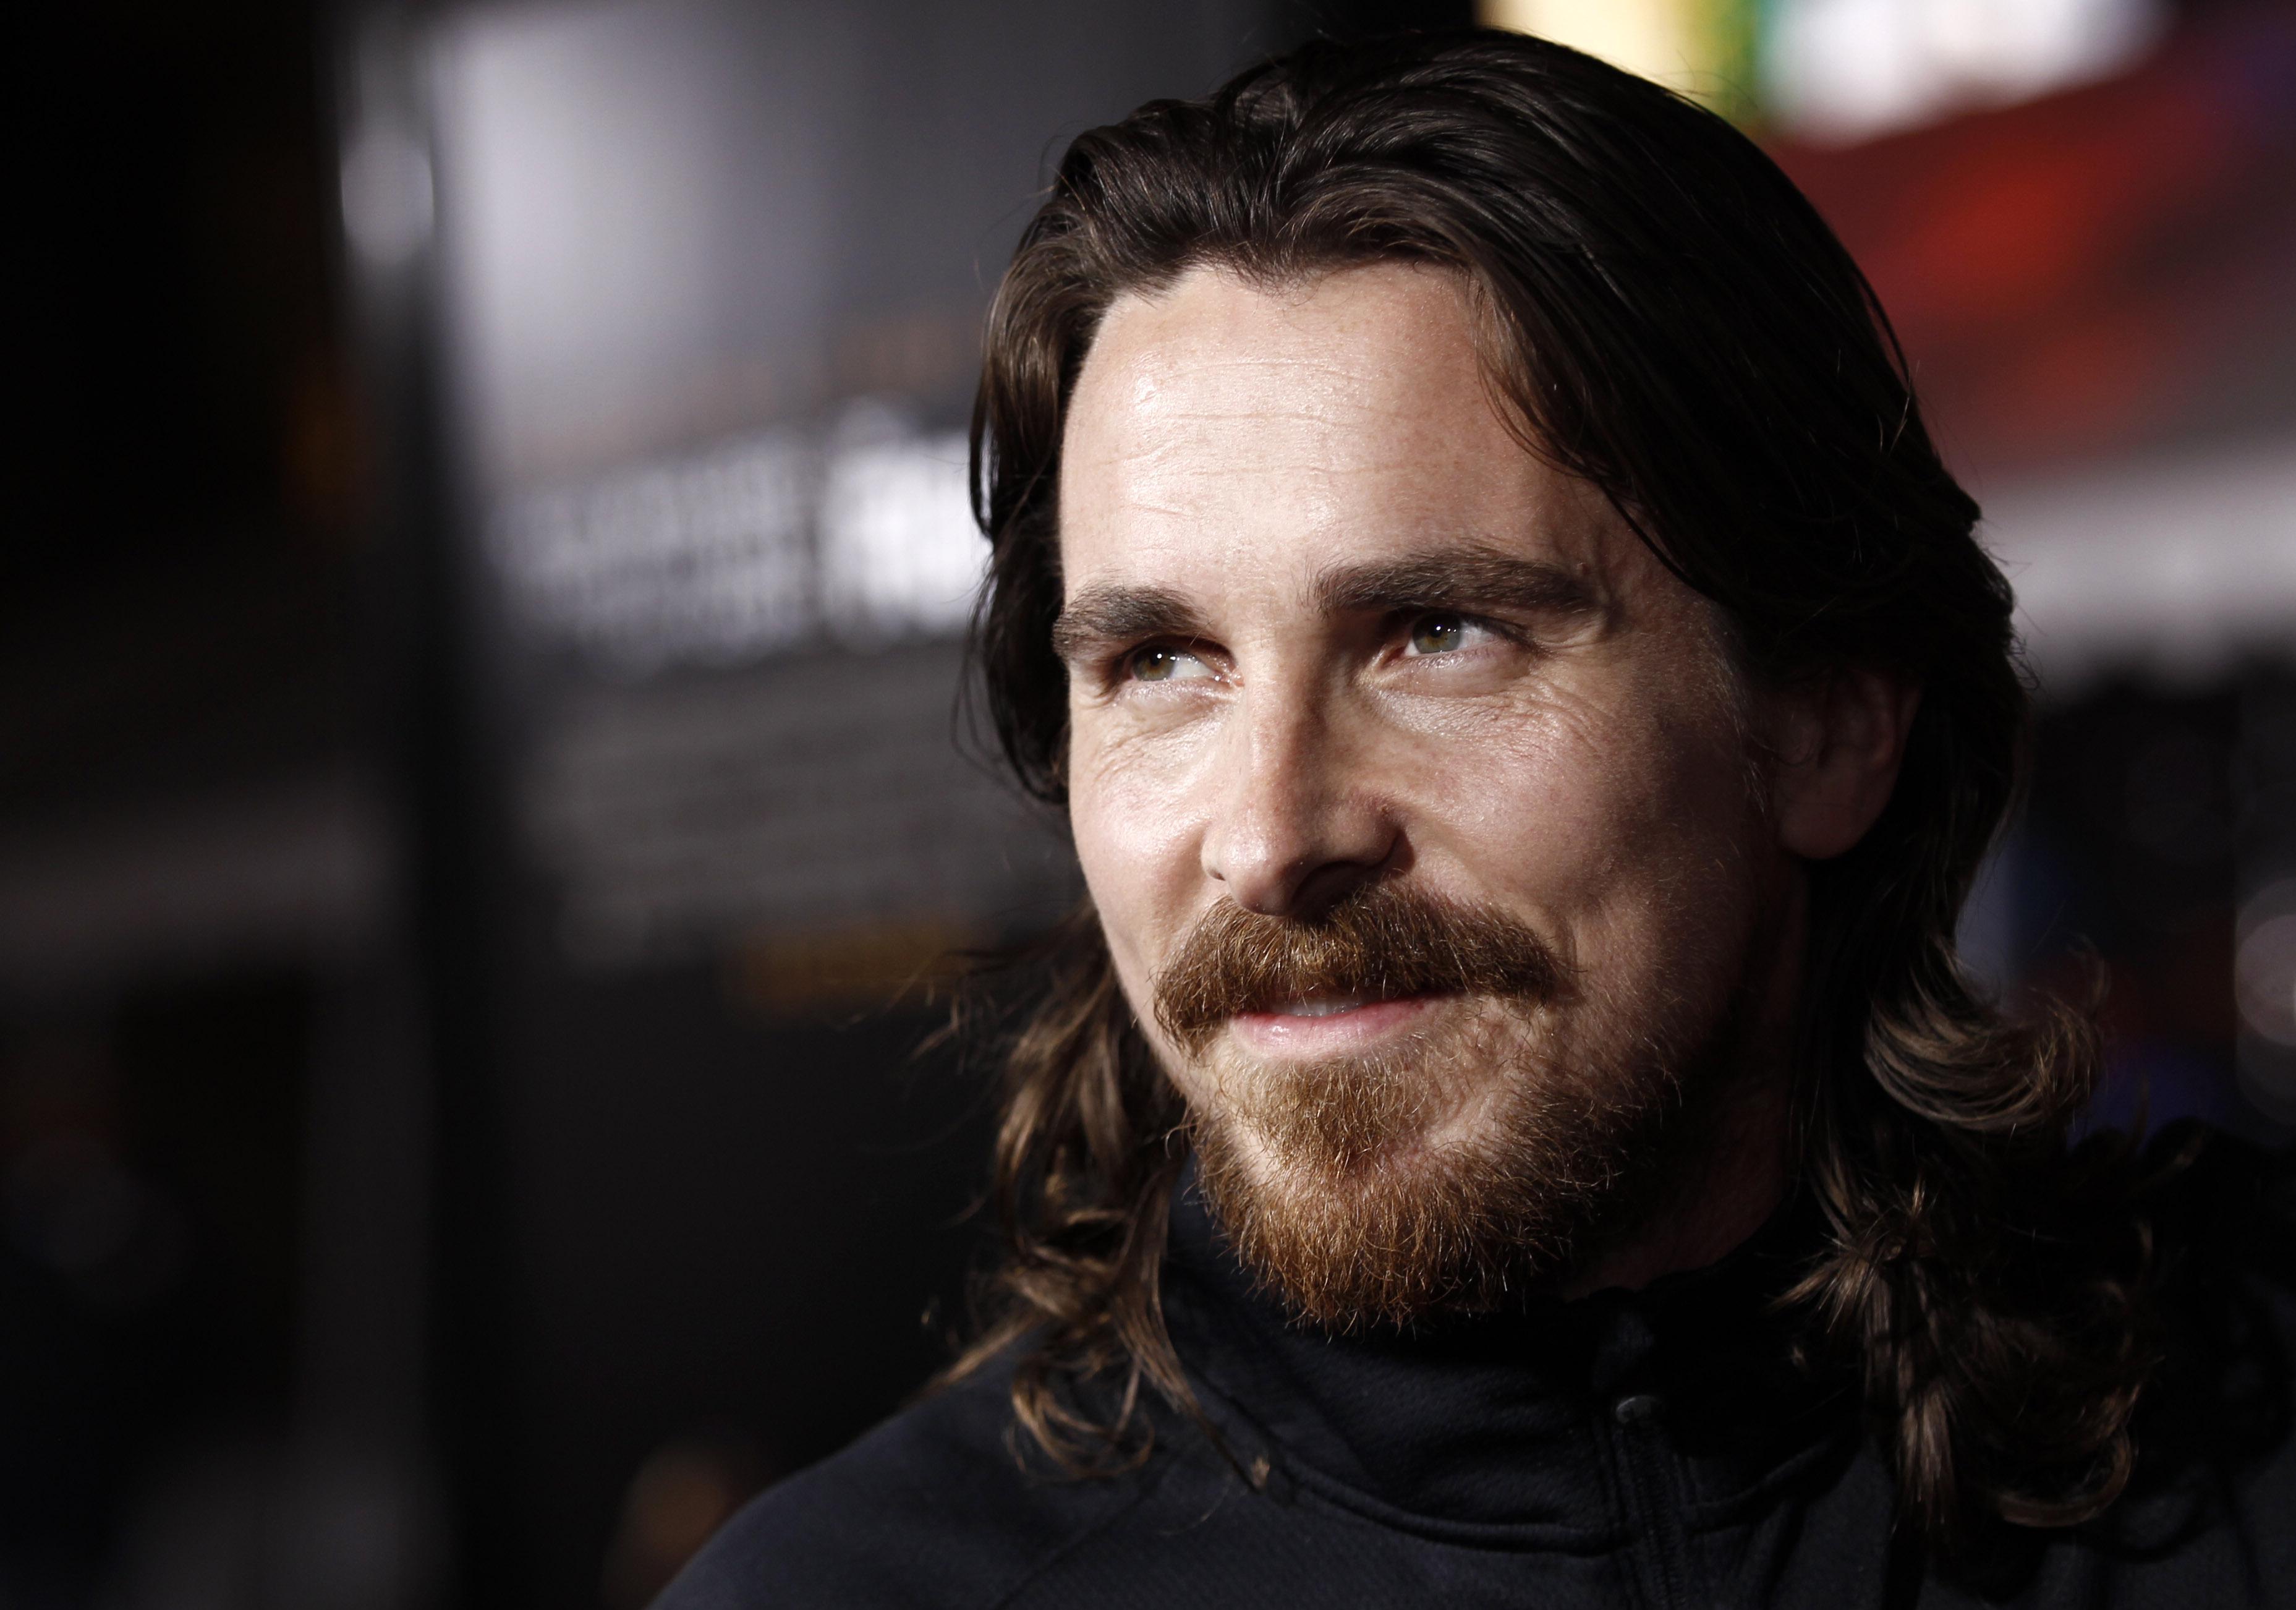 Christian Bale Computer Wallpaper